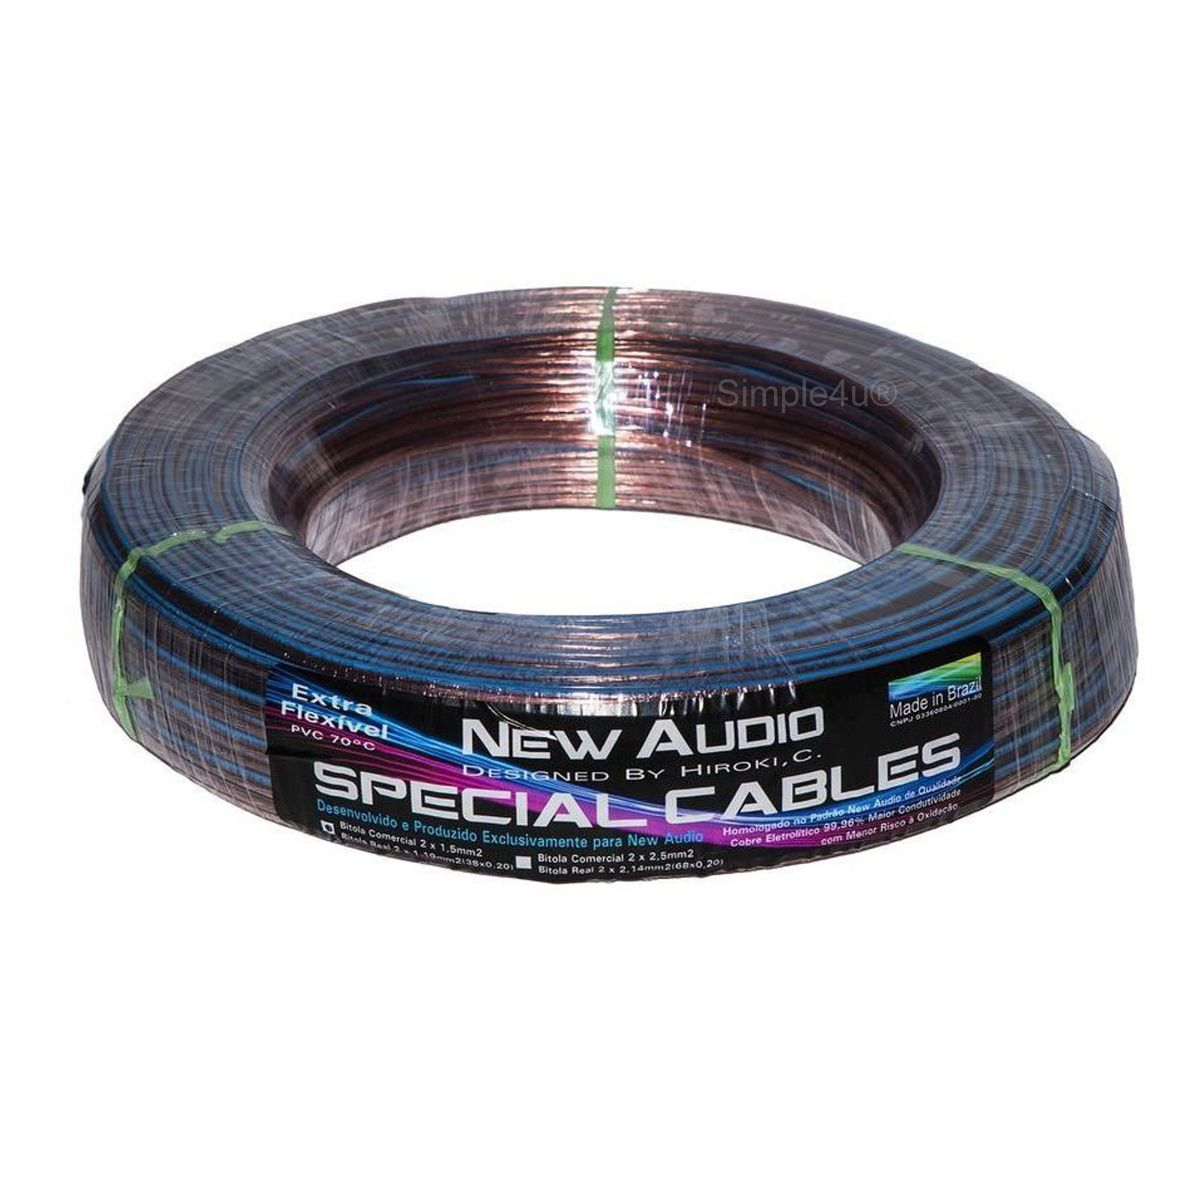 Cabo Polarizado Cristal P/ Caixa Acústica de Som Special Cables 2x1,50mm2 New Audio (50 MT)